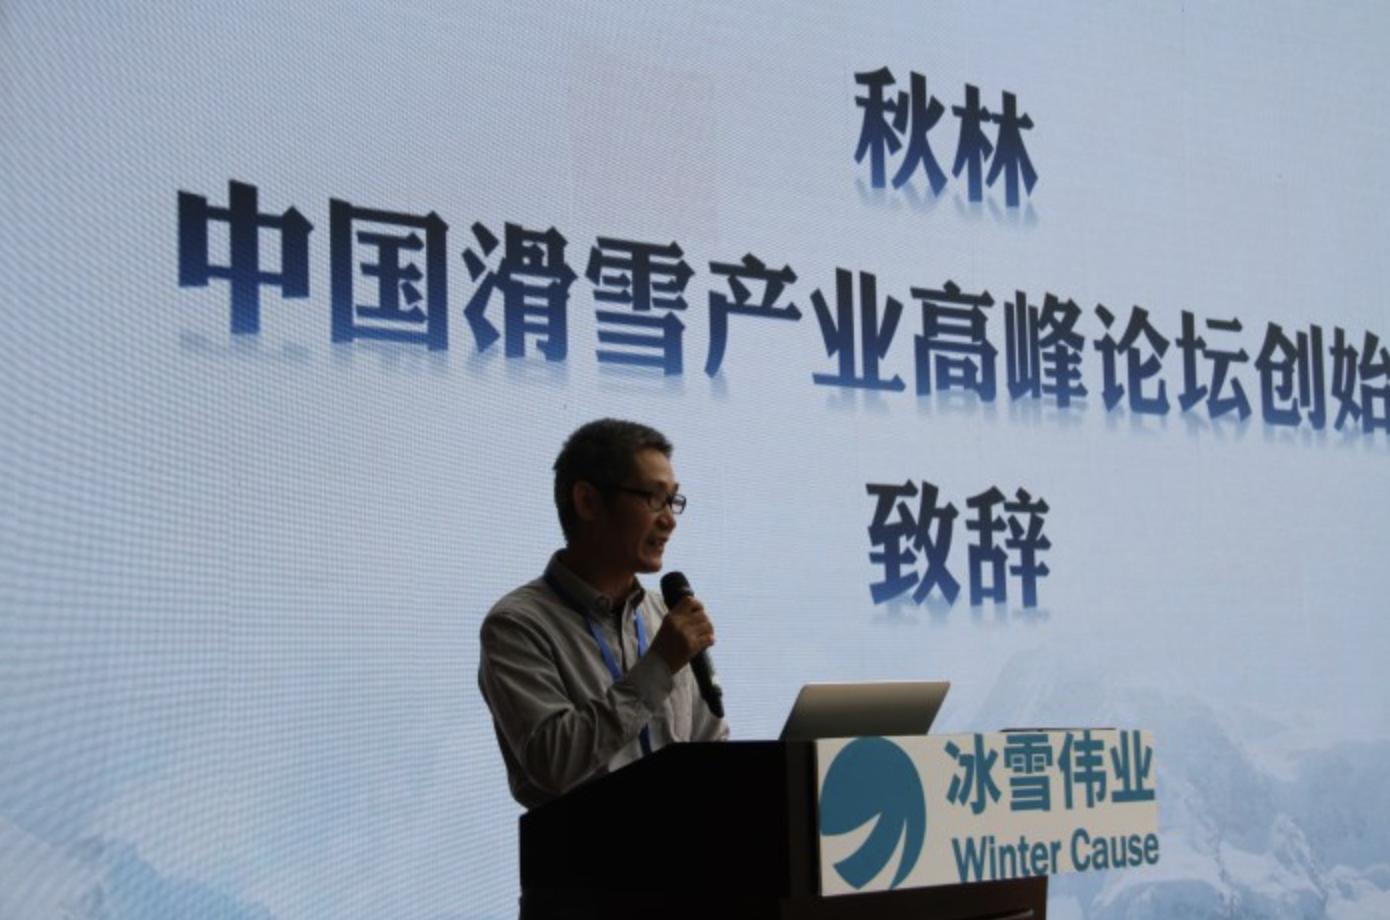 2018中国国际山地运动产业大会暨第十三届中国滑雪产业论坛开幕